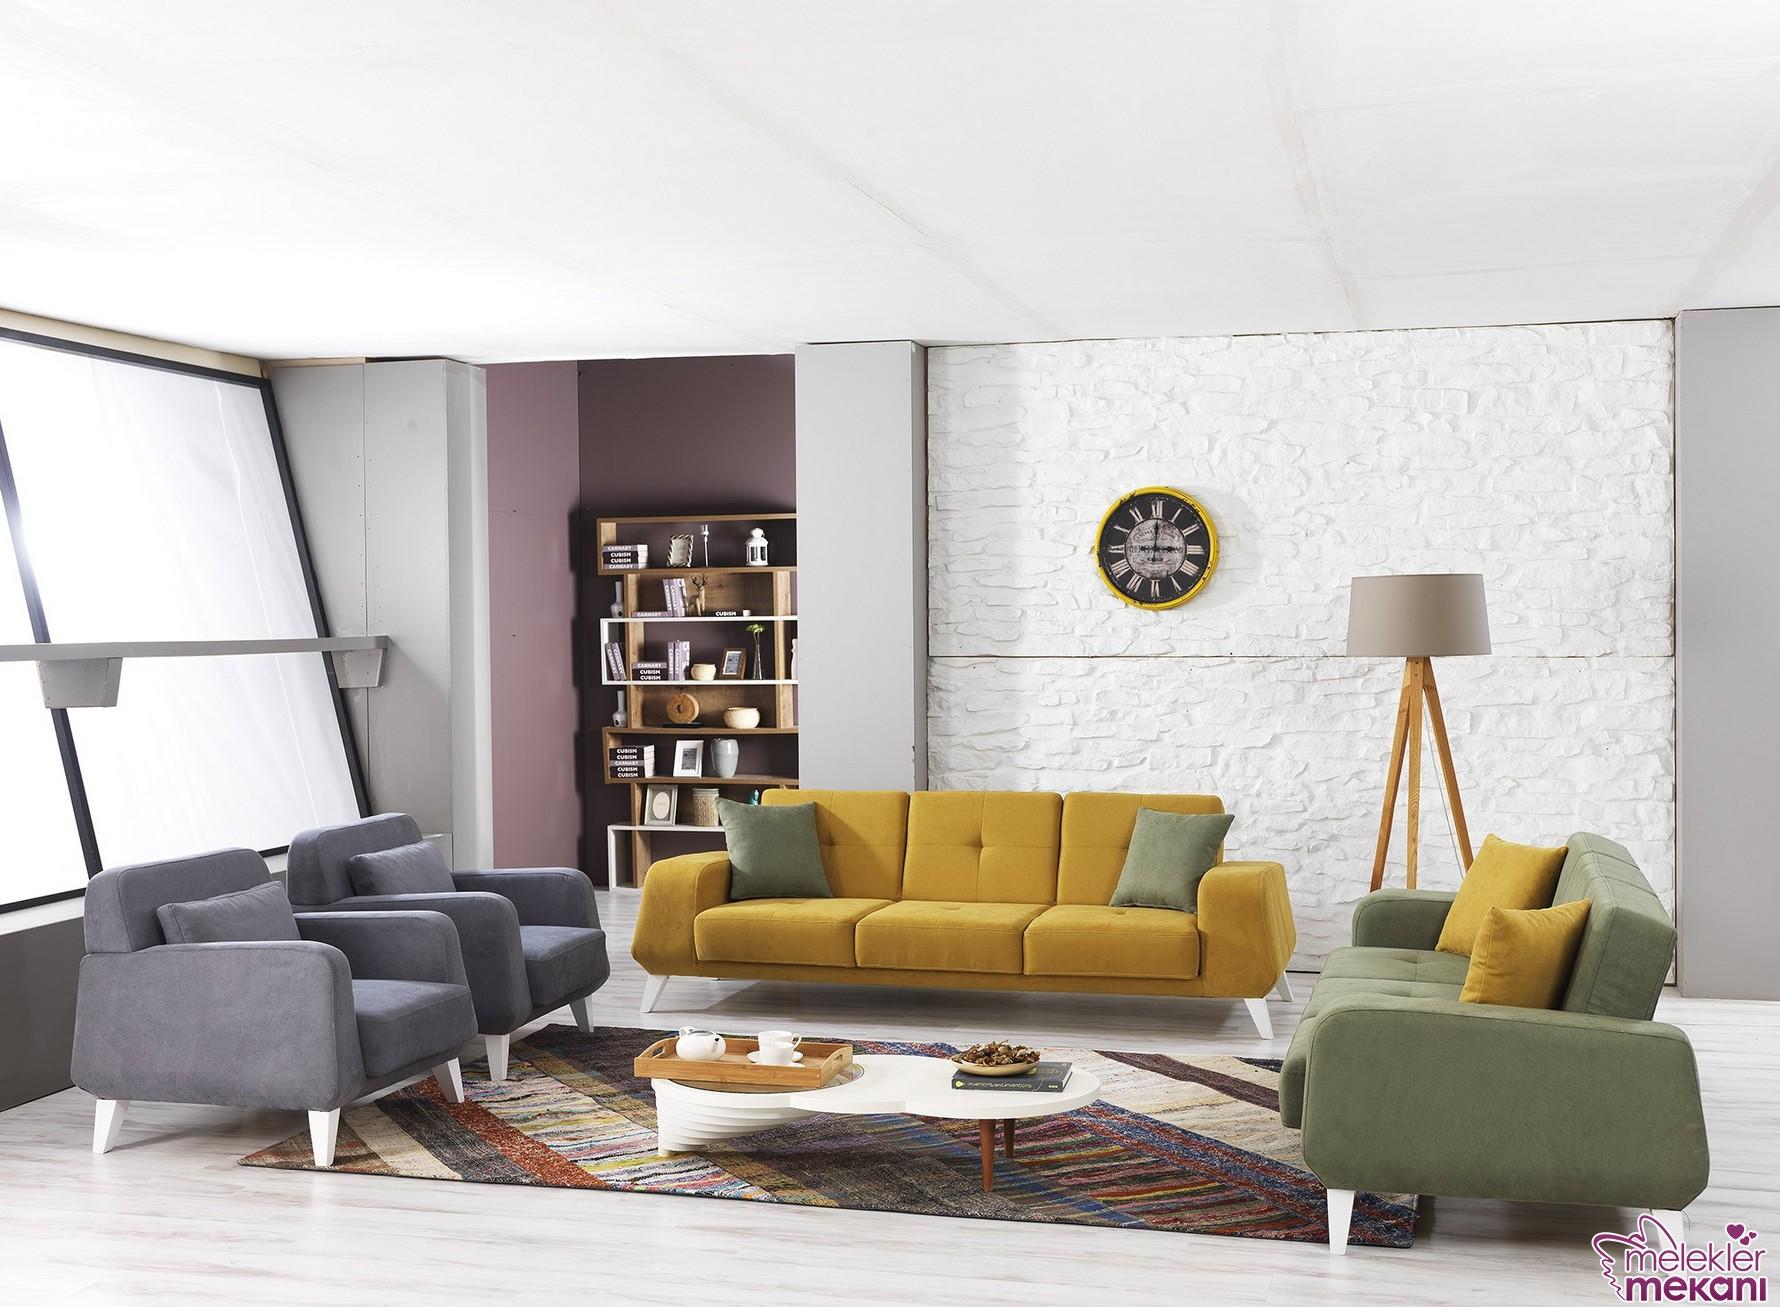 Vettore bera koltuk takımı tercihinde bulunarak oda dekoratifliğine estetik anlam yükleyebilirsiniz.